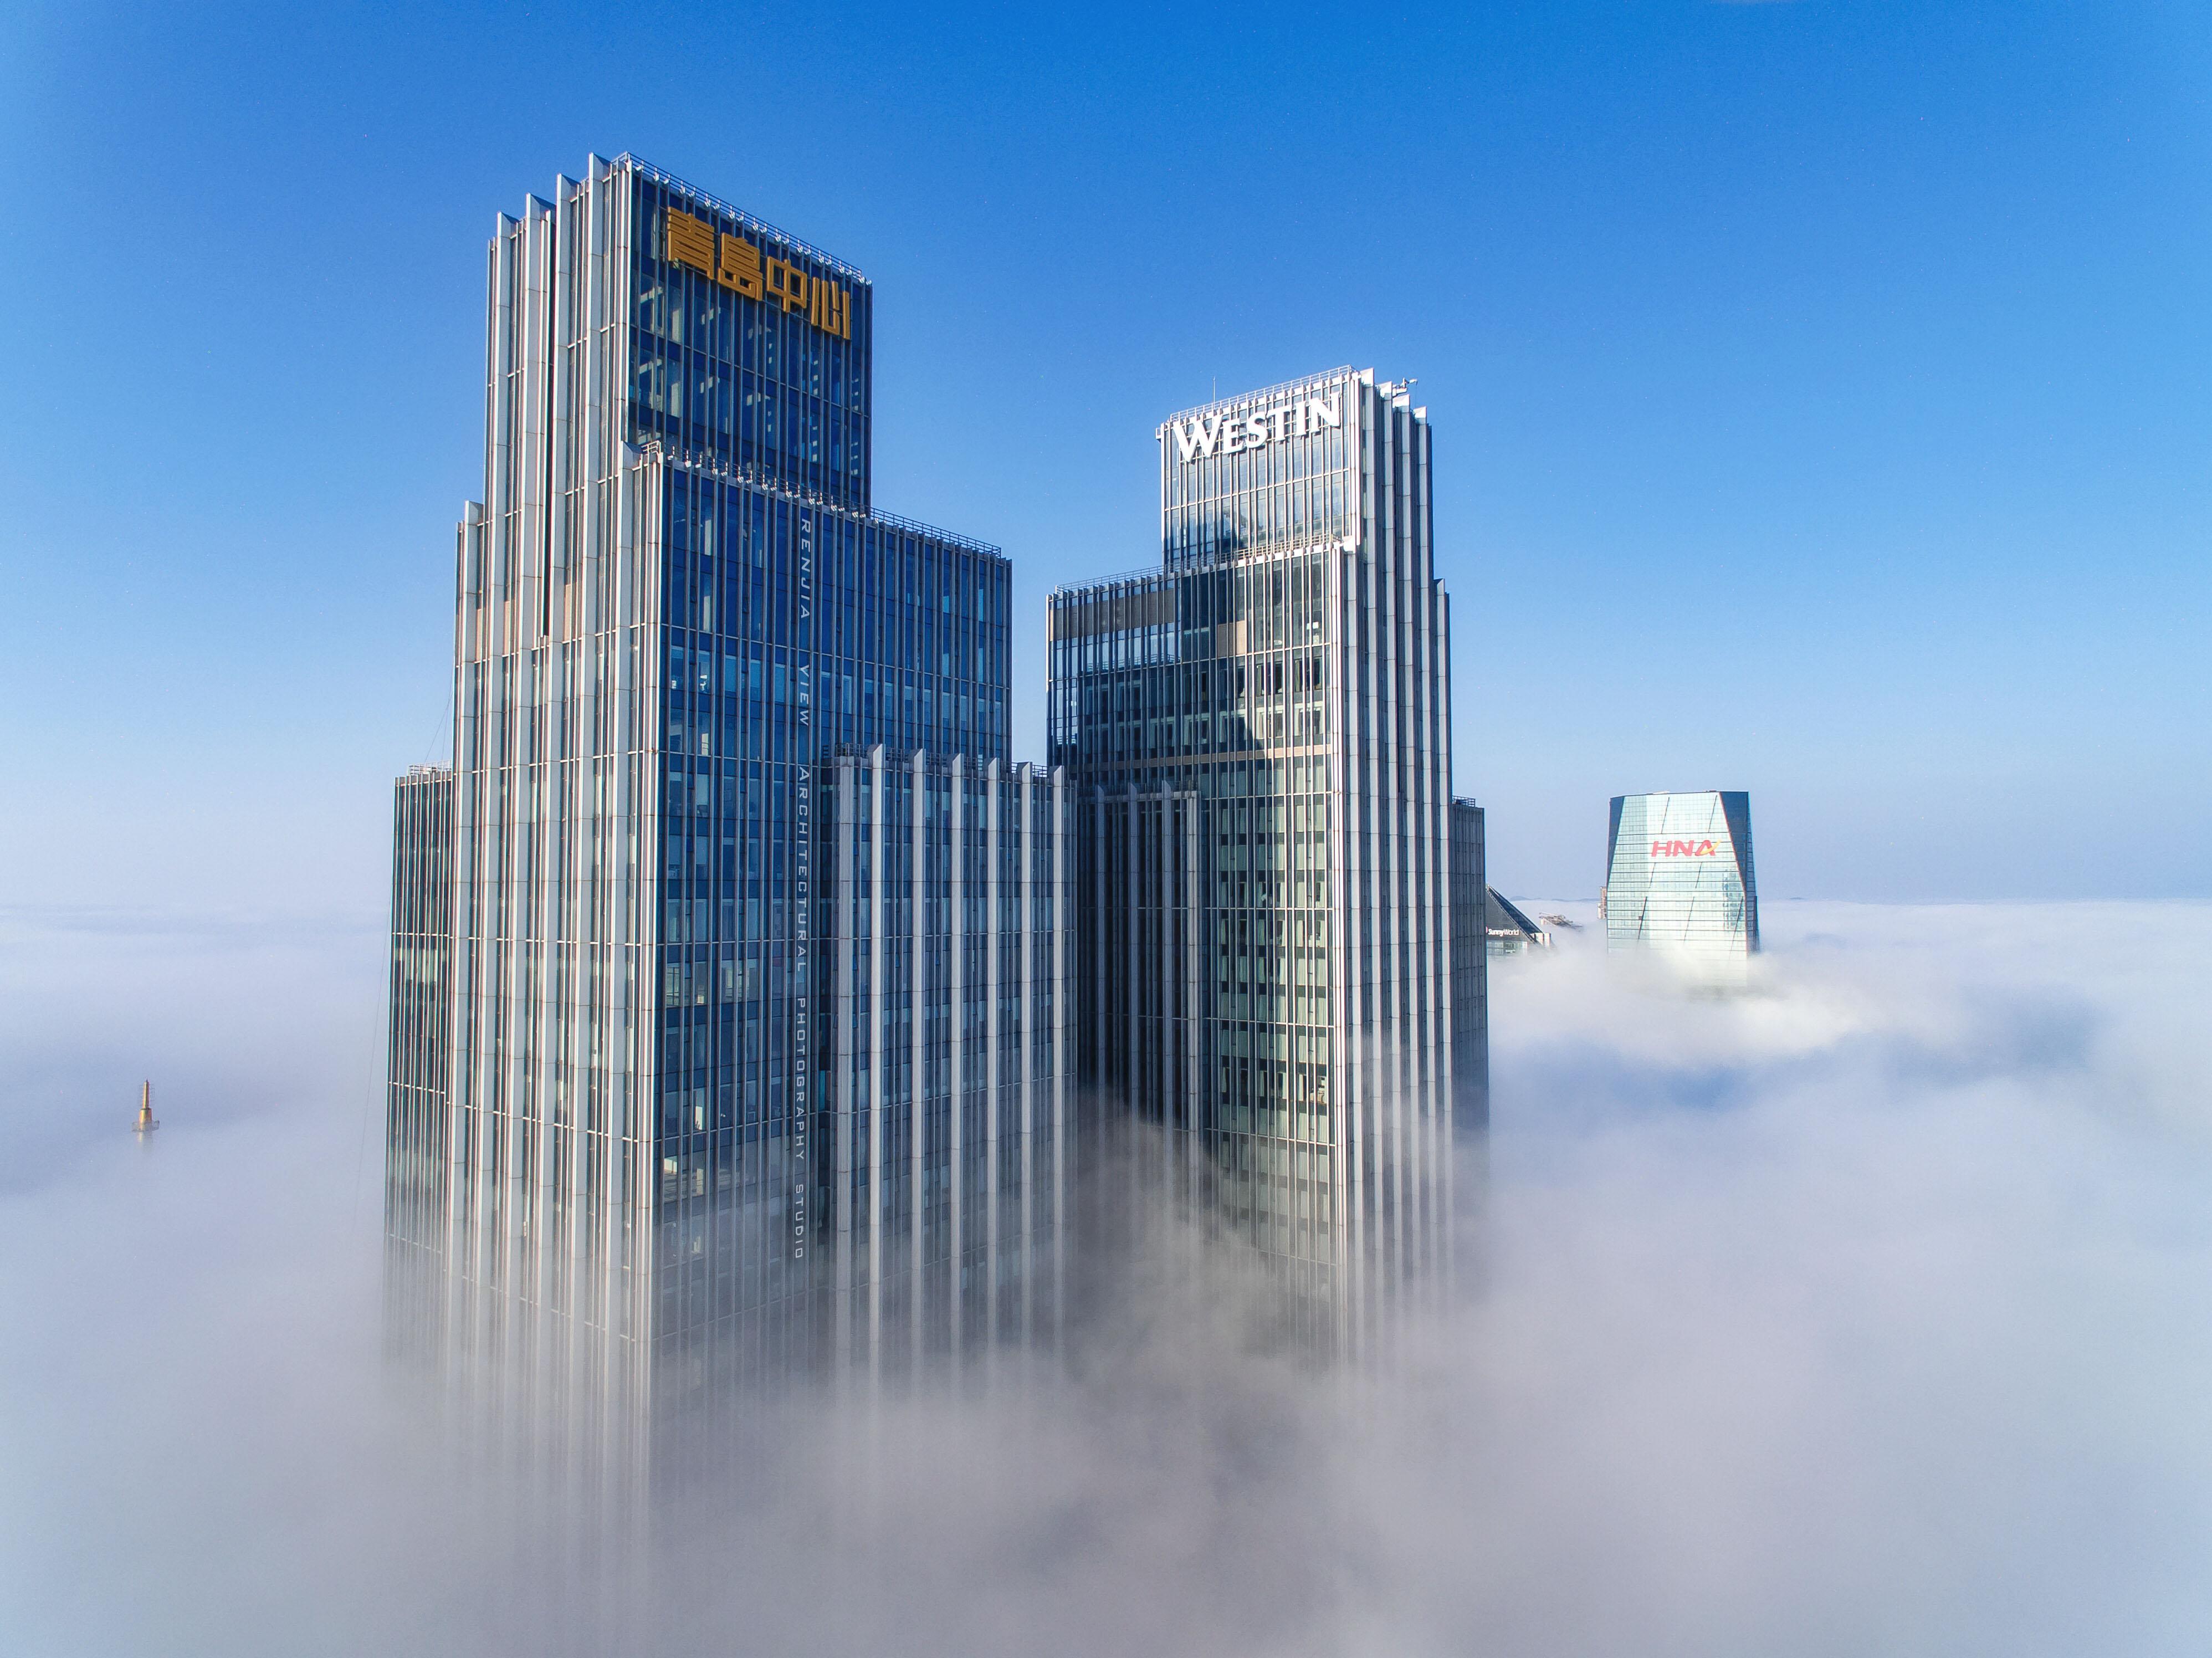 拍摄者:想飞的菜鸡   题目:平流雾    拍摄地点:青岛中心   内容:云里雾里的照片我.jpg